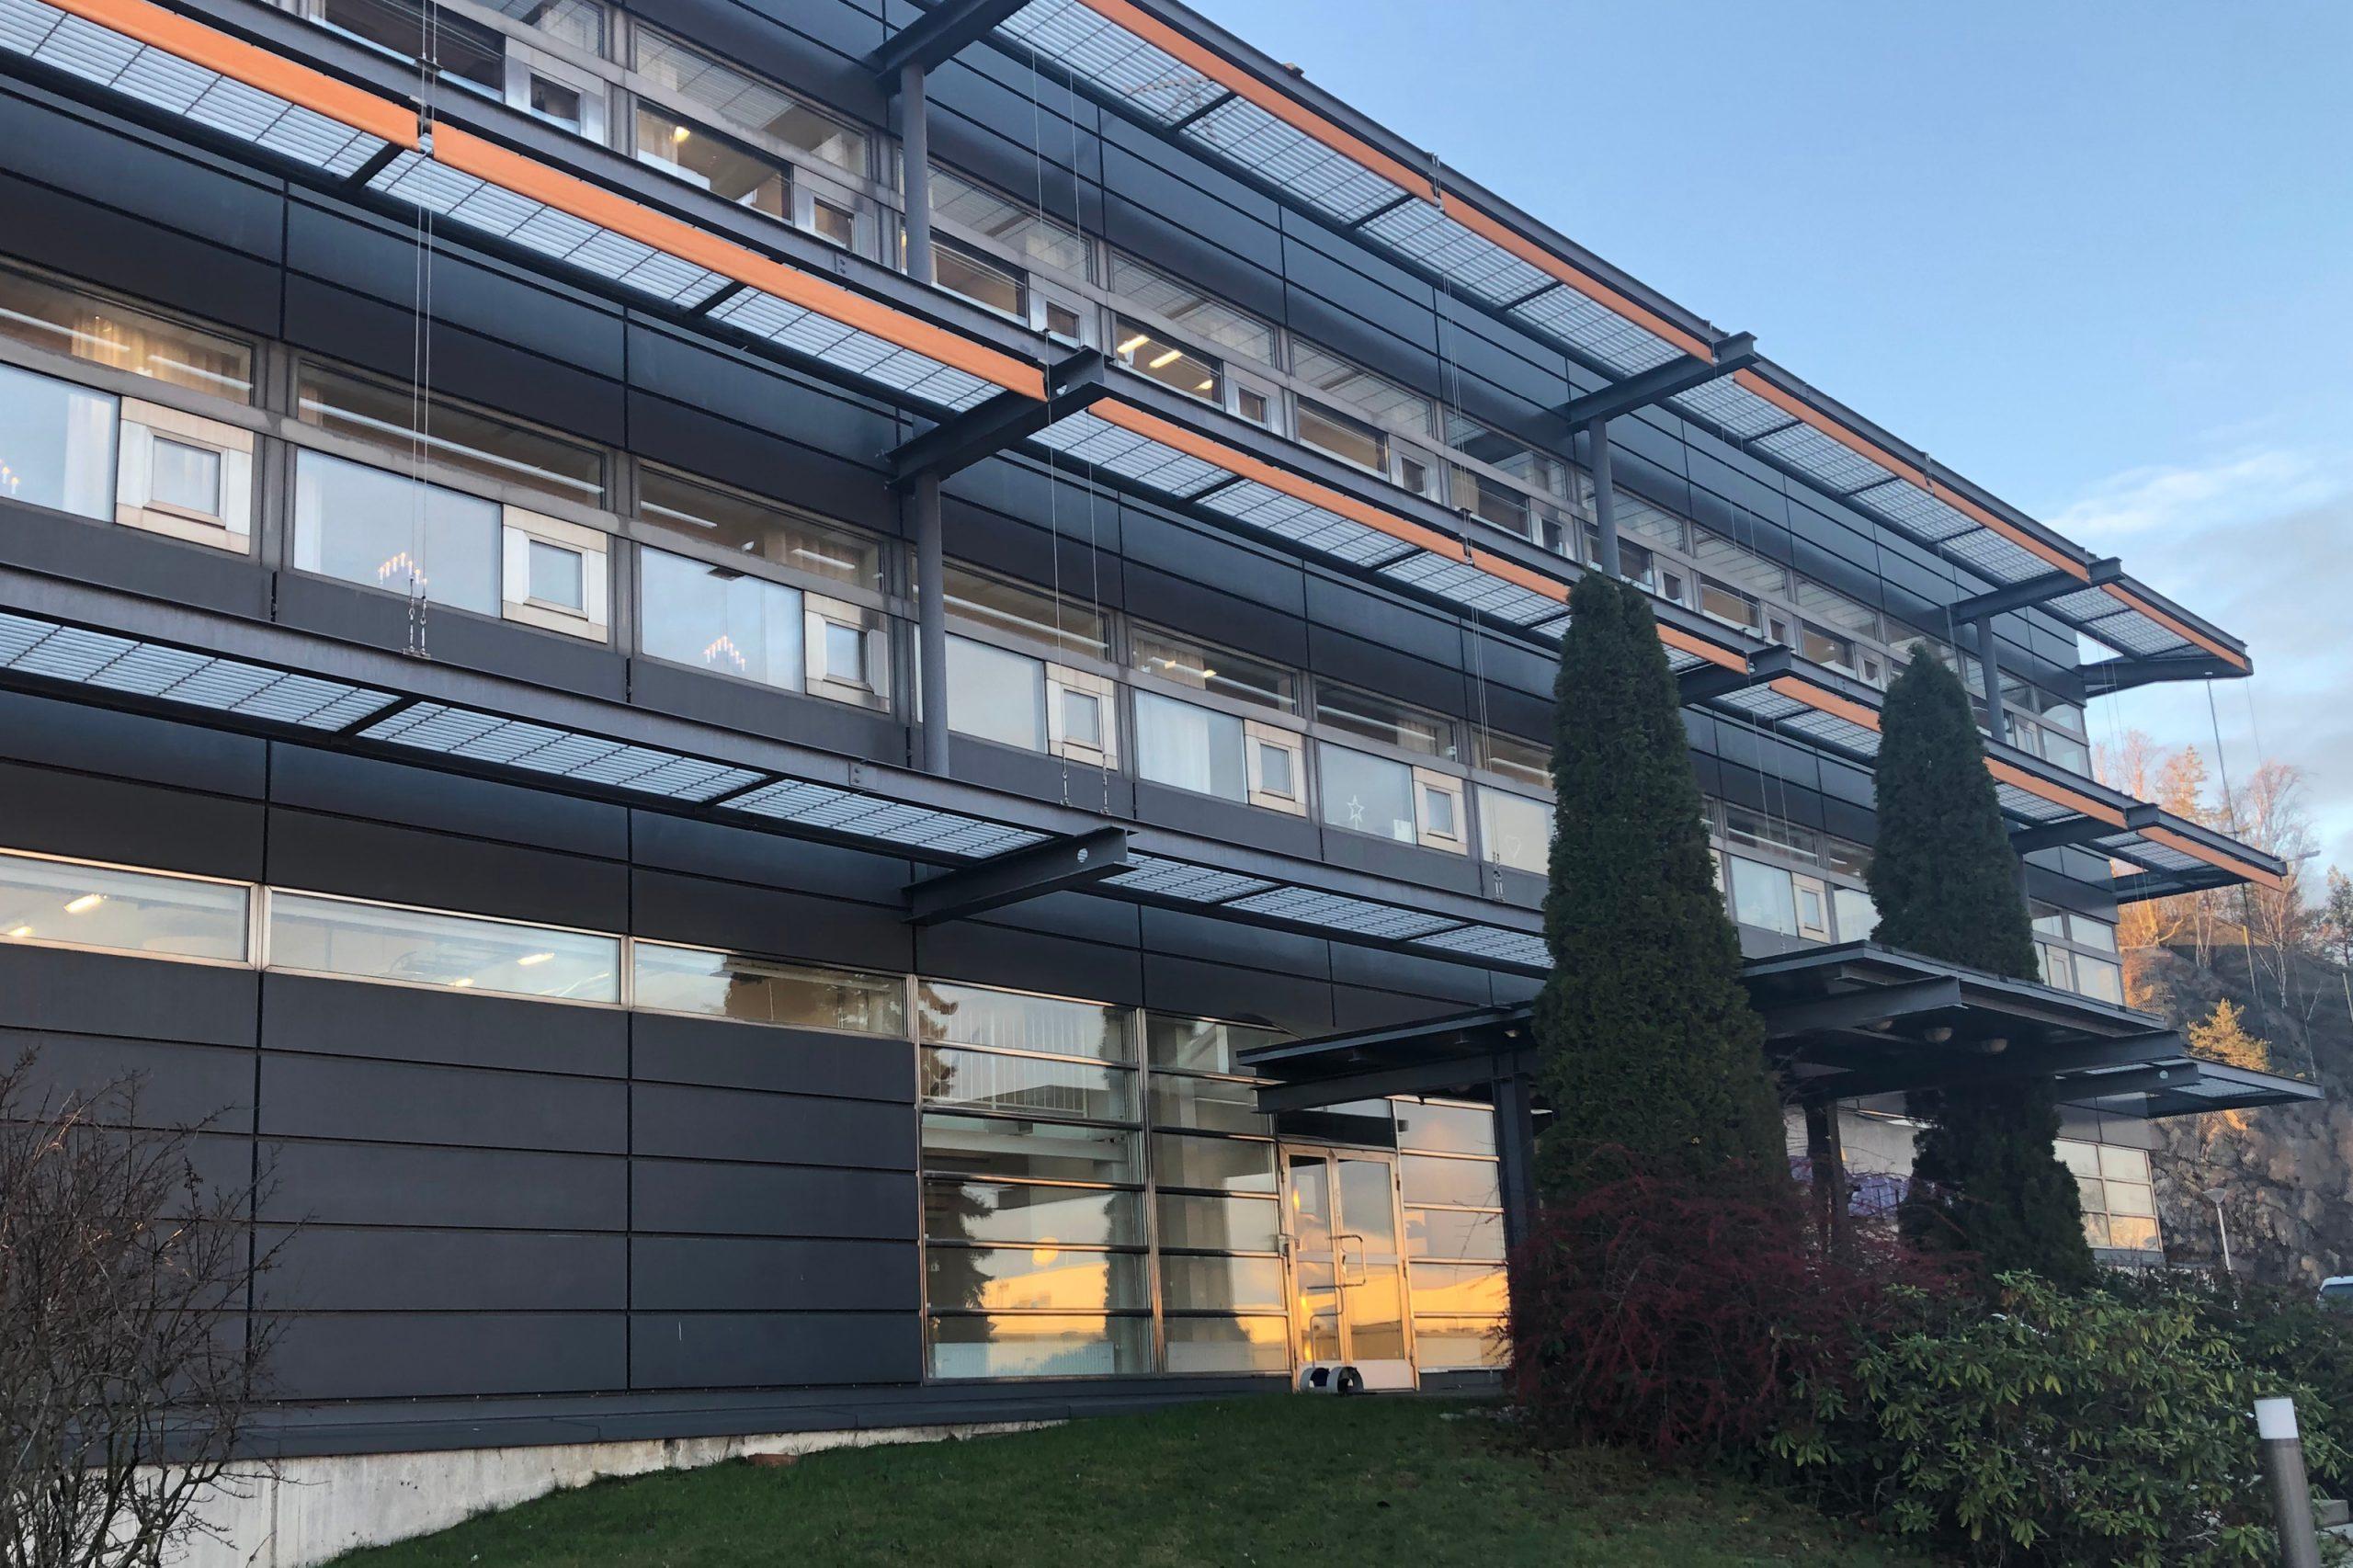 Ett iögonfallande hem med ett överflöd av fönster designade av bostadsmiljöer